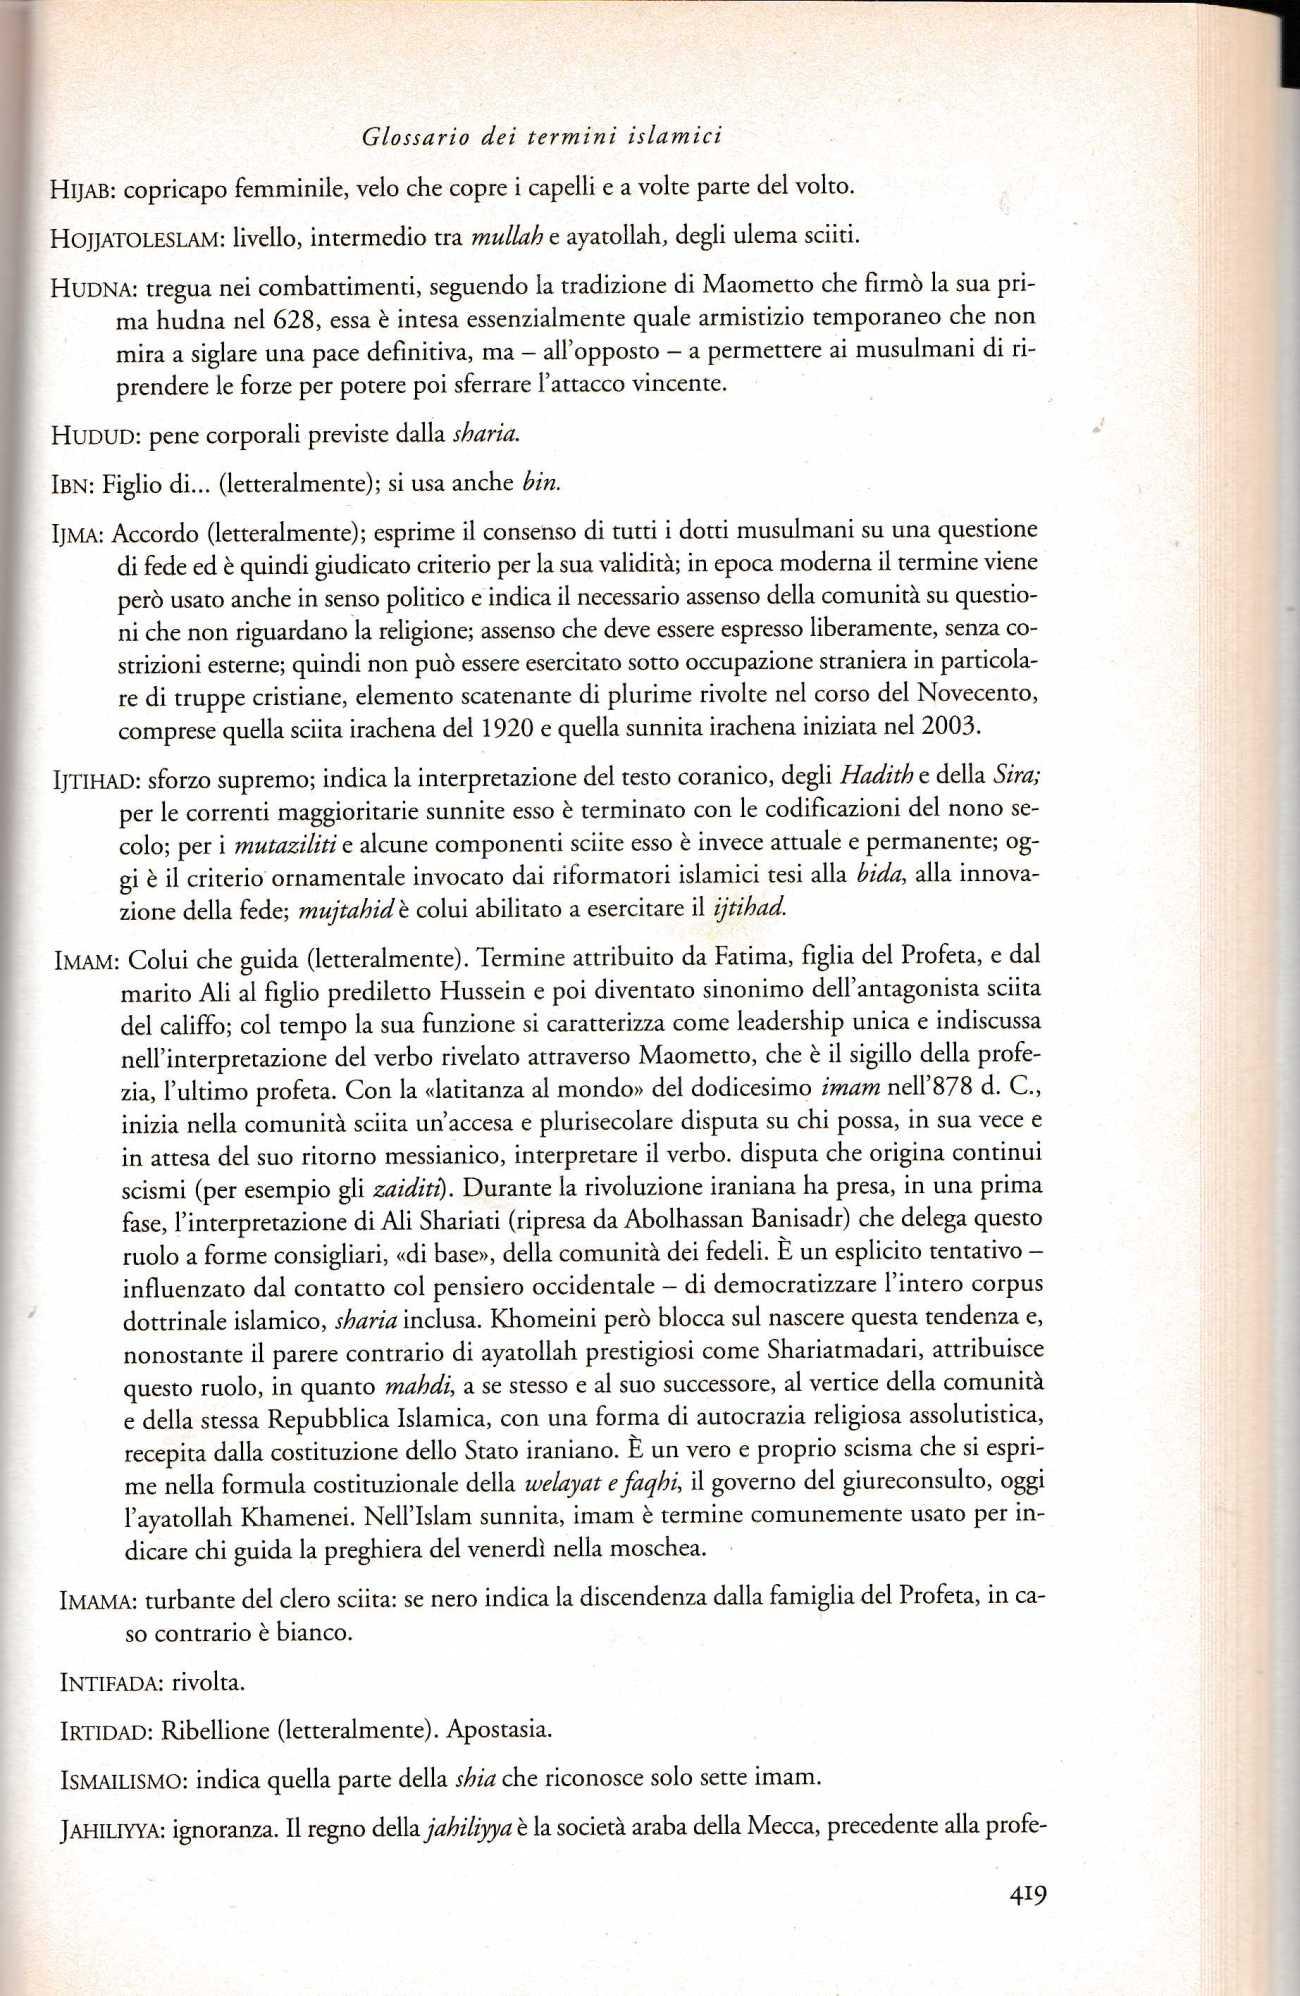 PANELLA libro nero regimi islamici2358